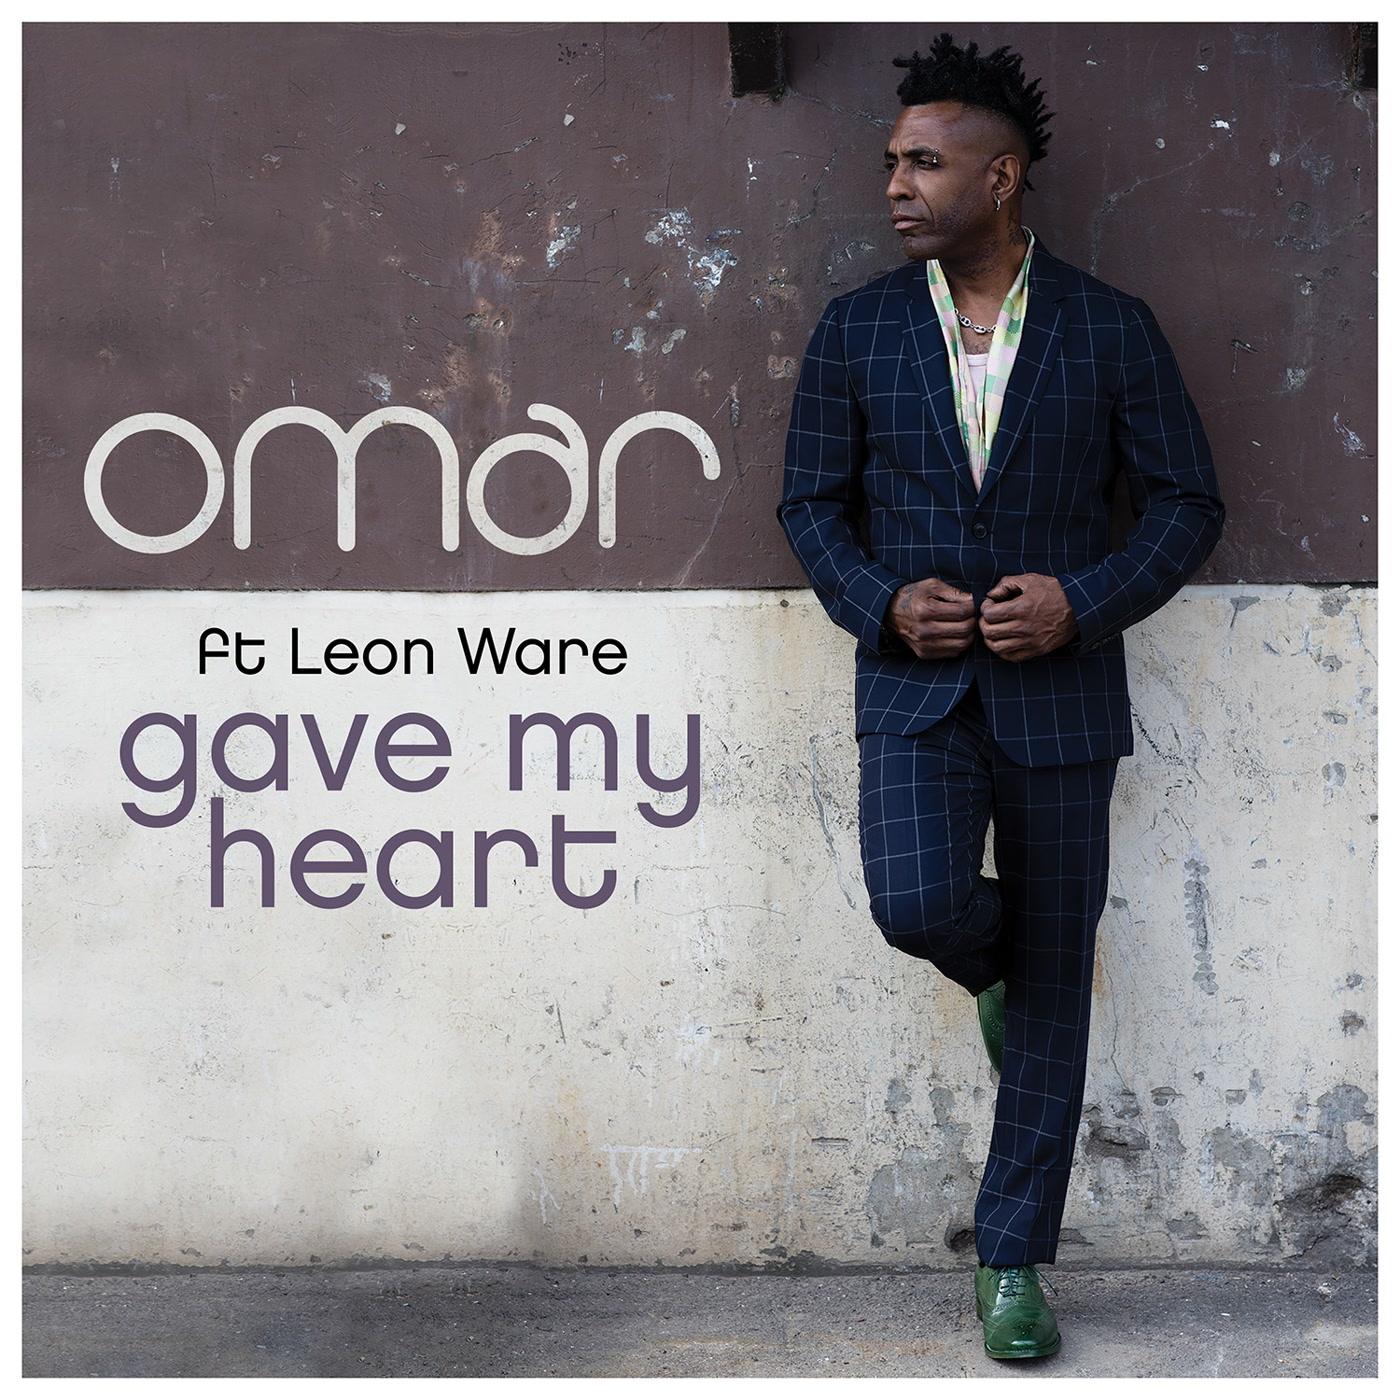 omar-gave-my-heart.jpg